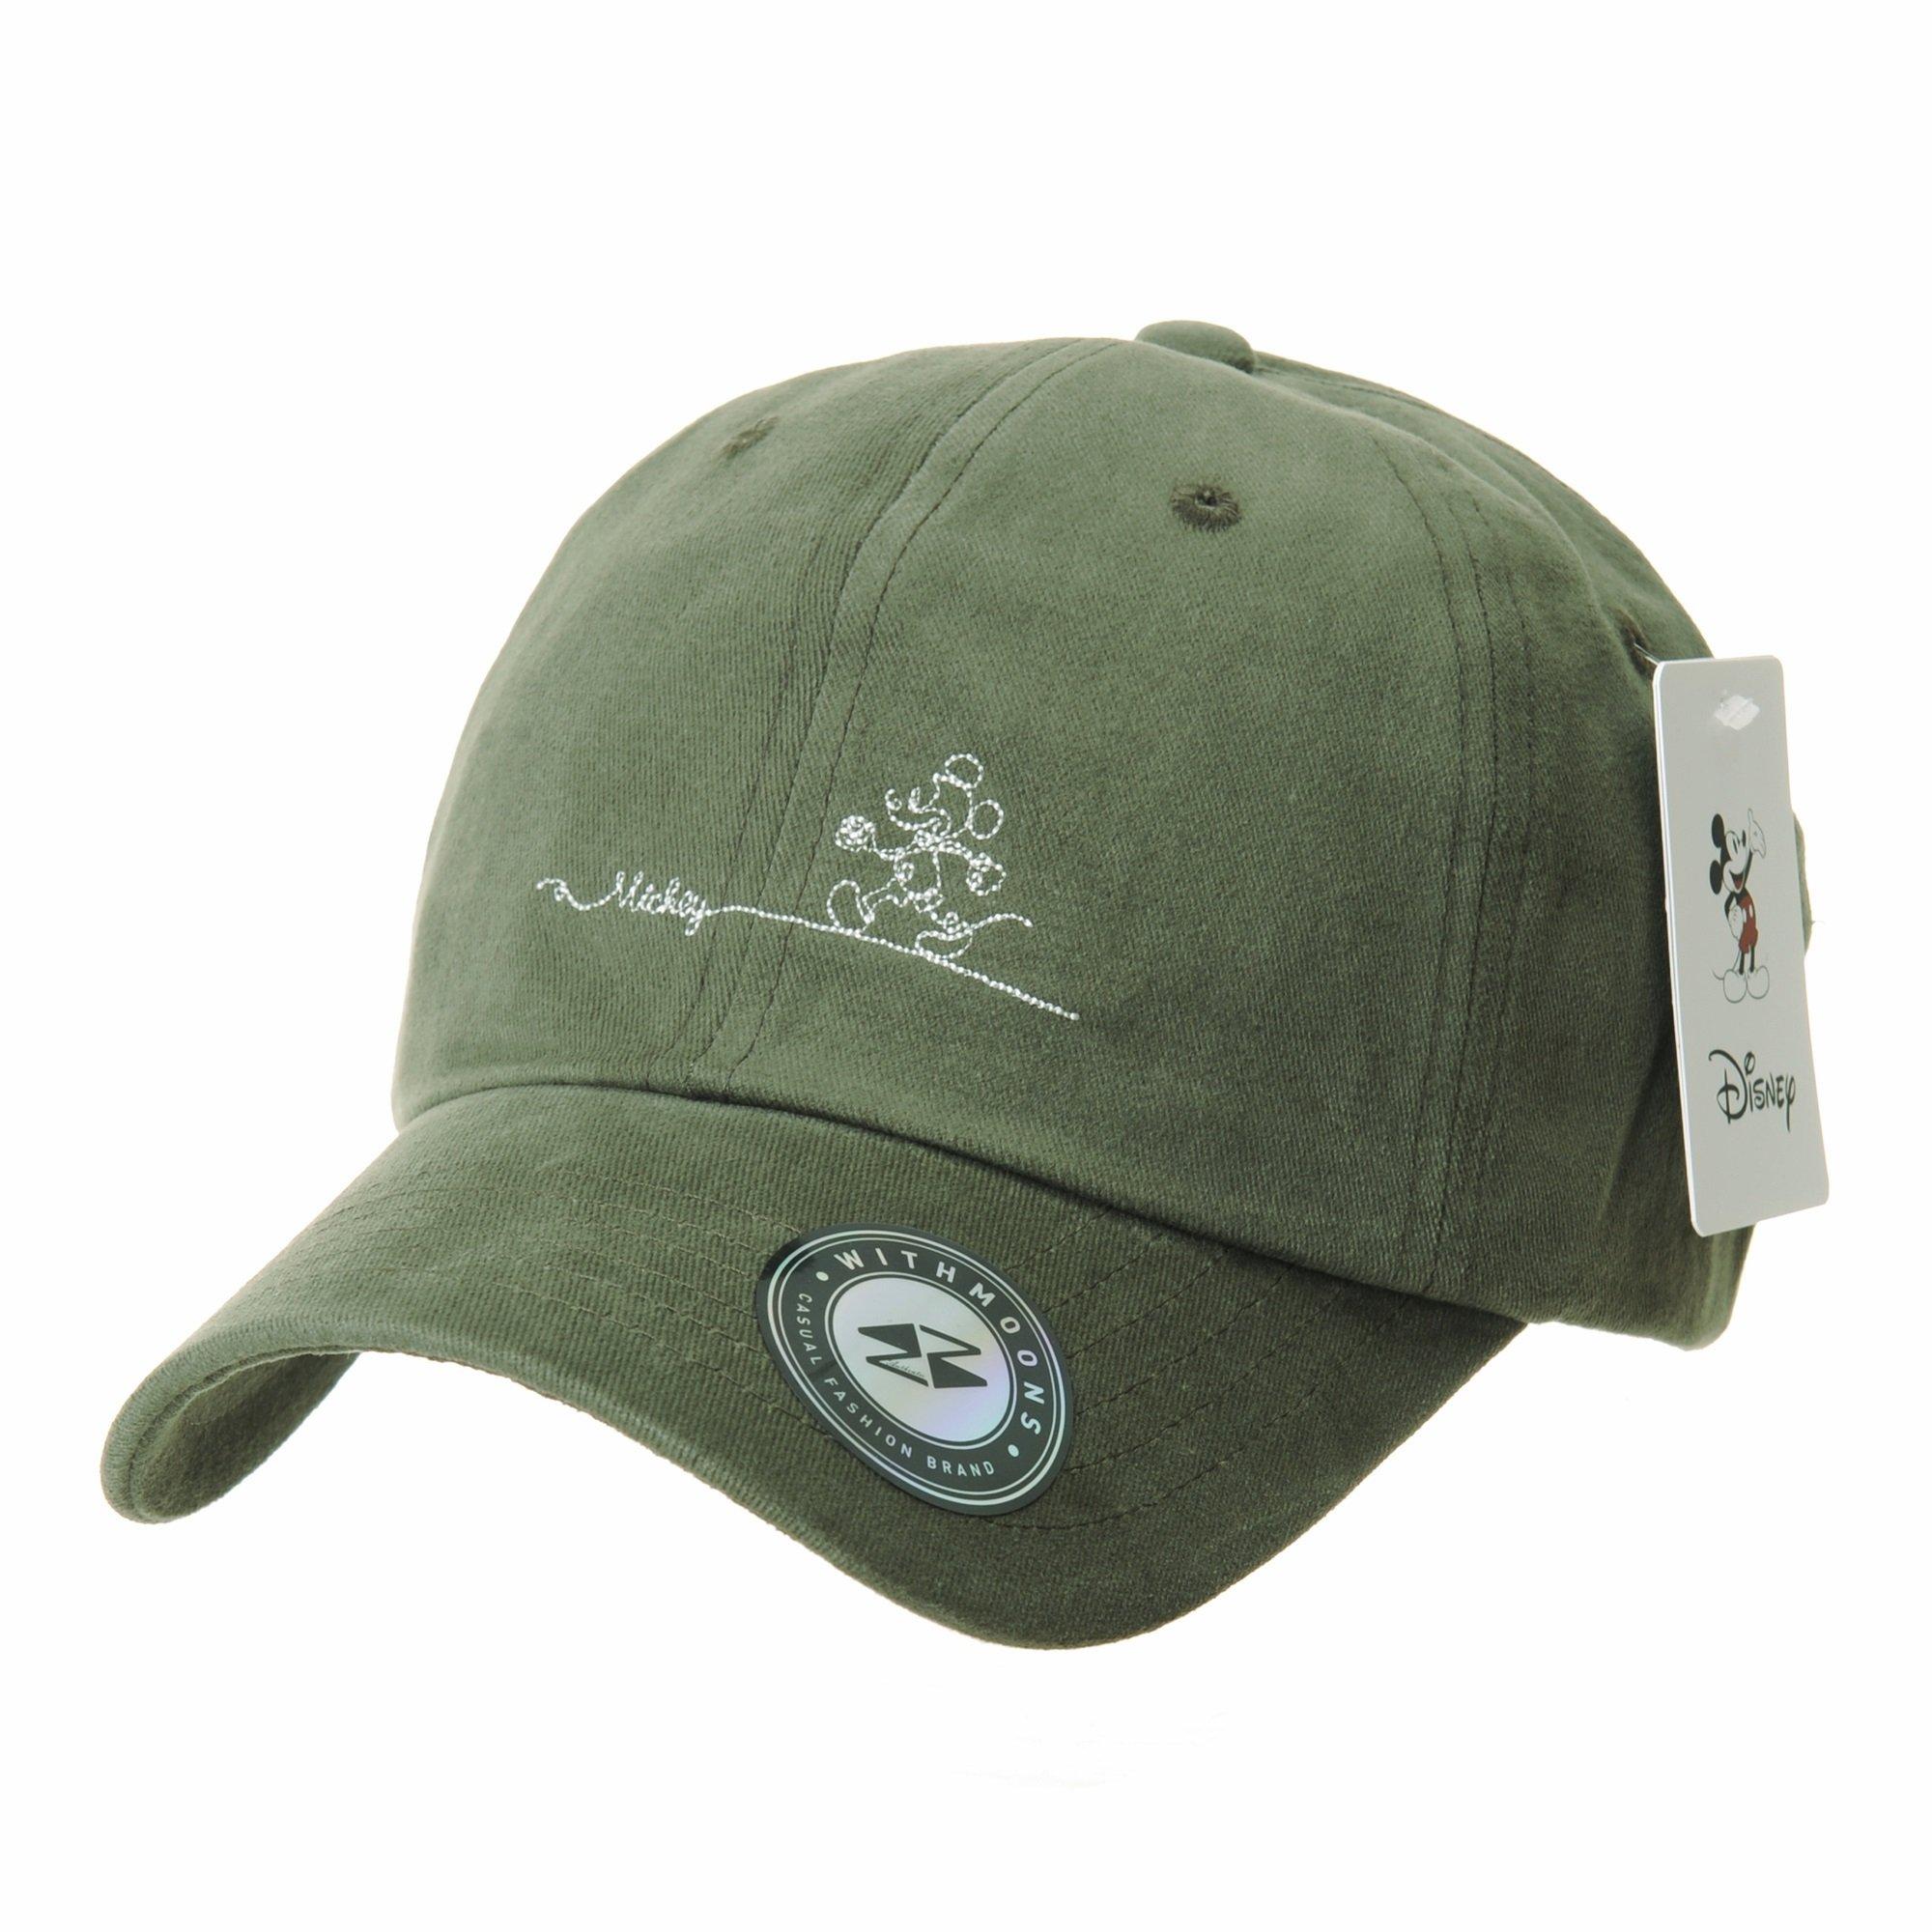 WITHMOONS Gorras de béisbol Gorra de Trucker Sombrero de Disney Mickey Mouse  ... 283a93a727e